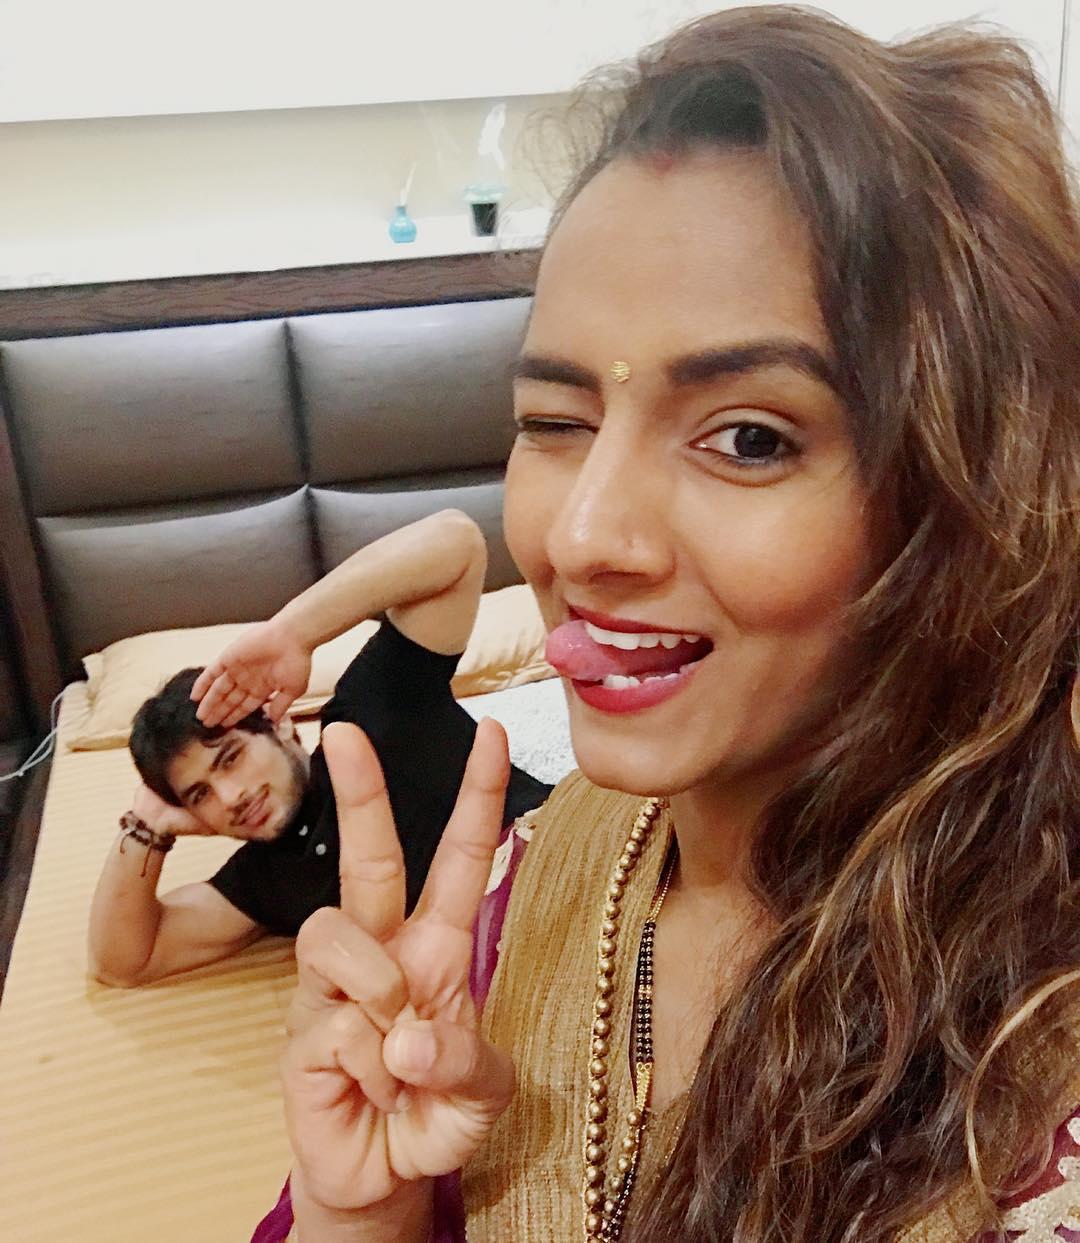 పవన్ కుమార్, గీతా ఫోగట్ ( Geeta Phogat / Instagram )